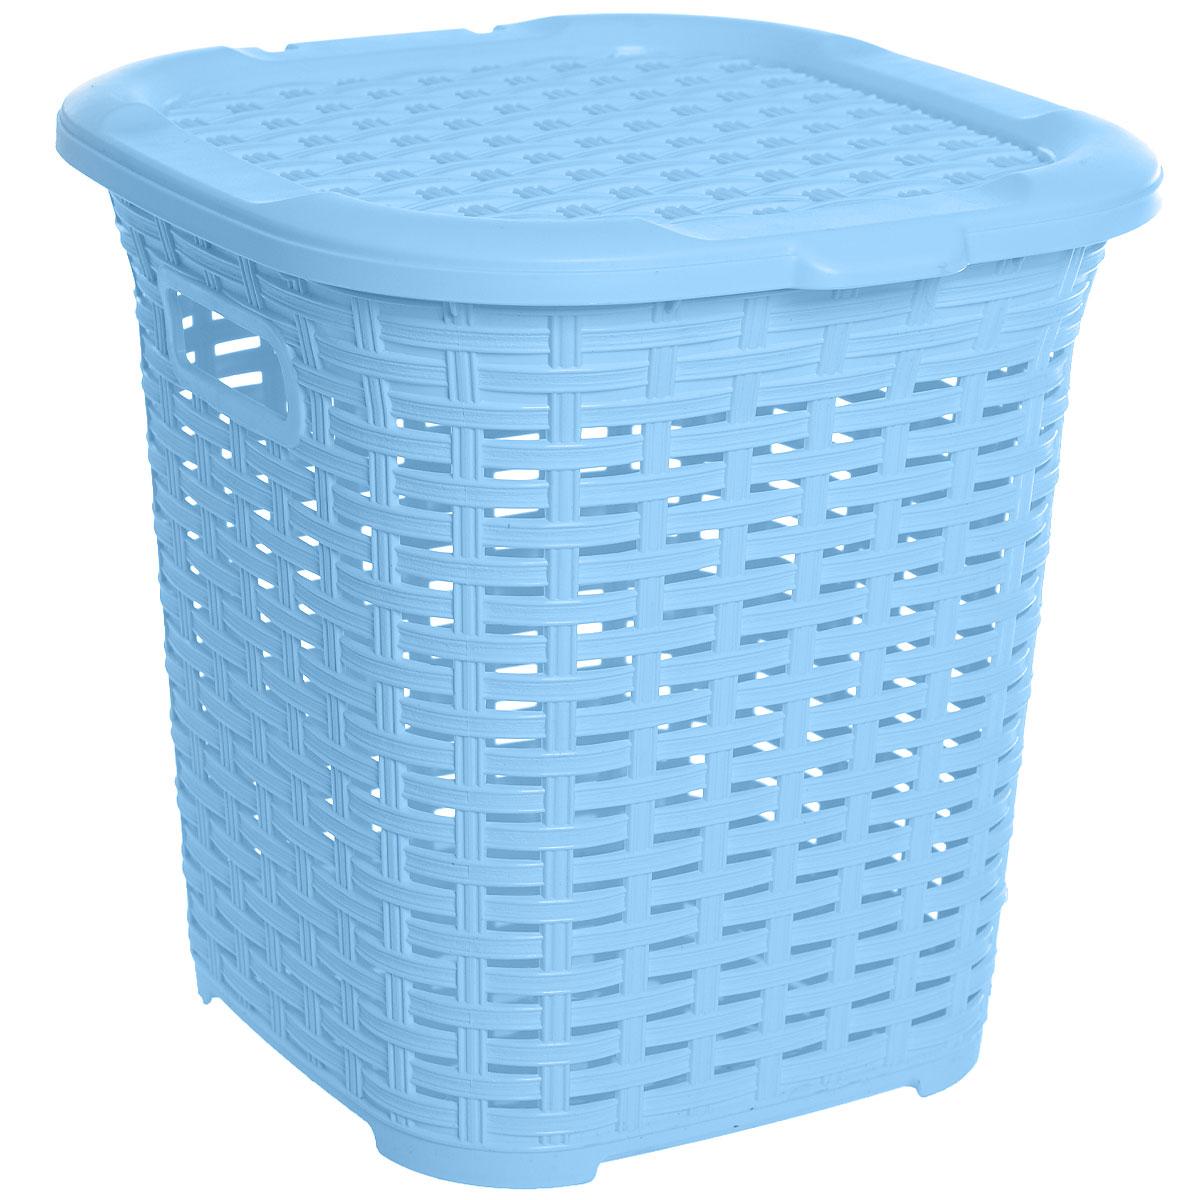 Корзина многофункциональная Dunya Plastik Раттан, цвет: голубой, 15 лTD 0033Многофункциональная корзина Dunya Plastik Раттан изготовлена из прочного пластика. Она отлично подойдет для хранения белья перед стиркой и различных бытовых вещей. В ней также удобно хранить овощи: картошку, лук и т.д. Корзина плетеная, что создает идеальные условия для проветривания. Дно сплошное. Изделие оснащено двумя ручками и крышкой. Такая корзина прекрасно впишется в интерьер ванной комнаты или кухни.